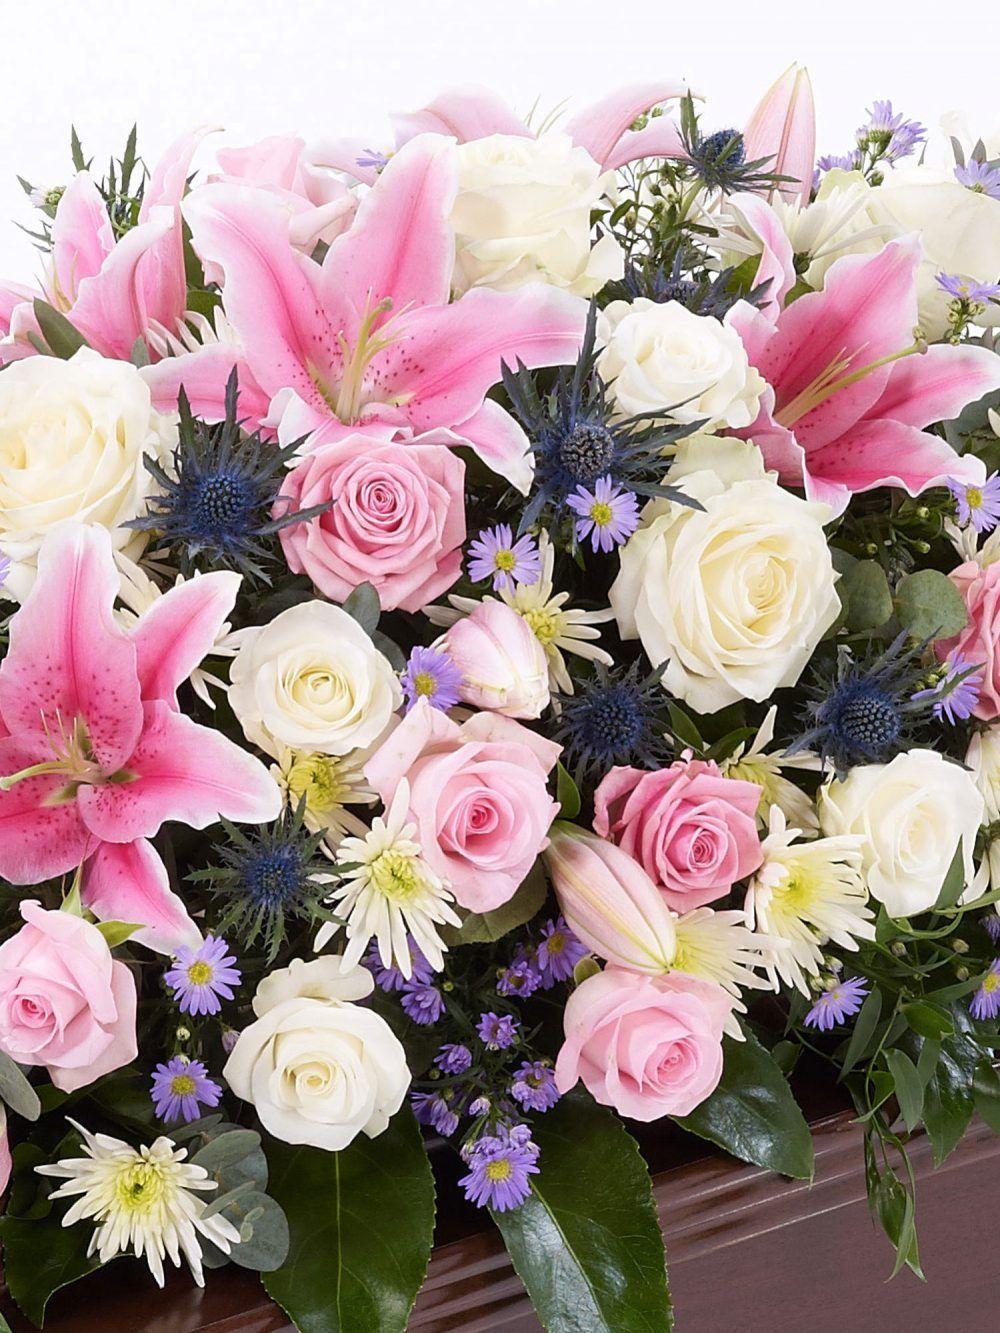 Rose And Eryngium Casket Spray 1